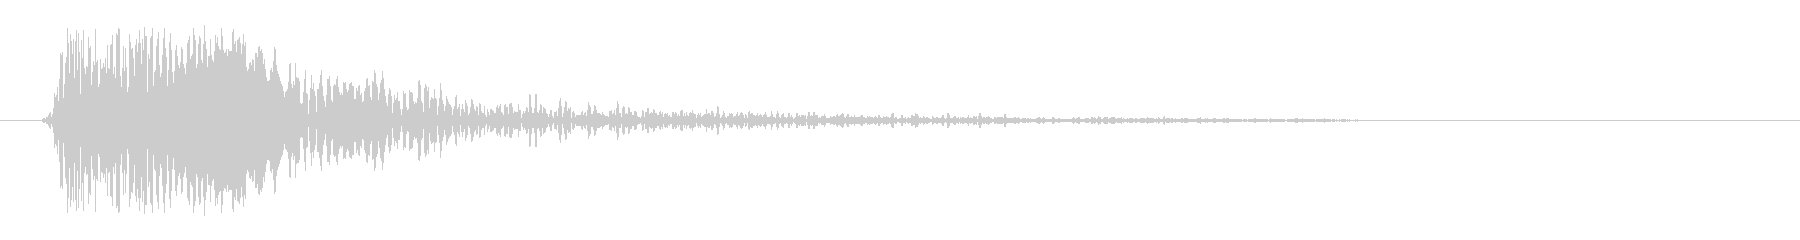 ピヨンっ(アイテムゲットの効果音)の未再生の波形